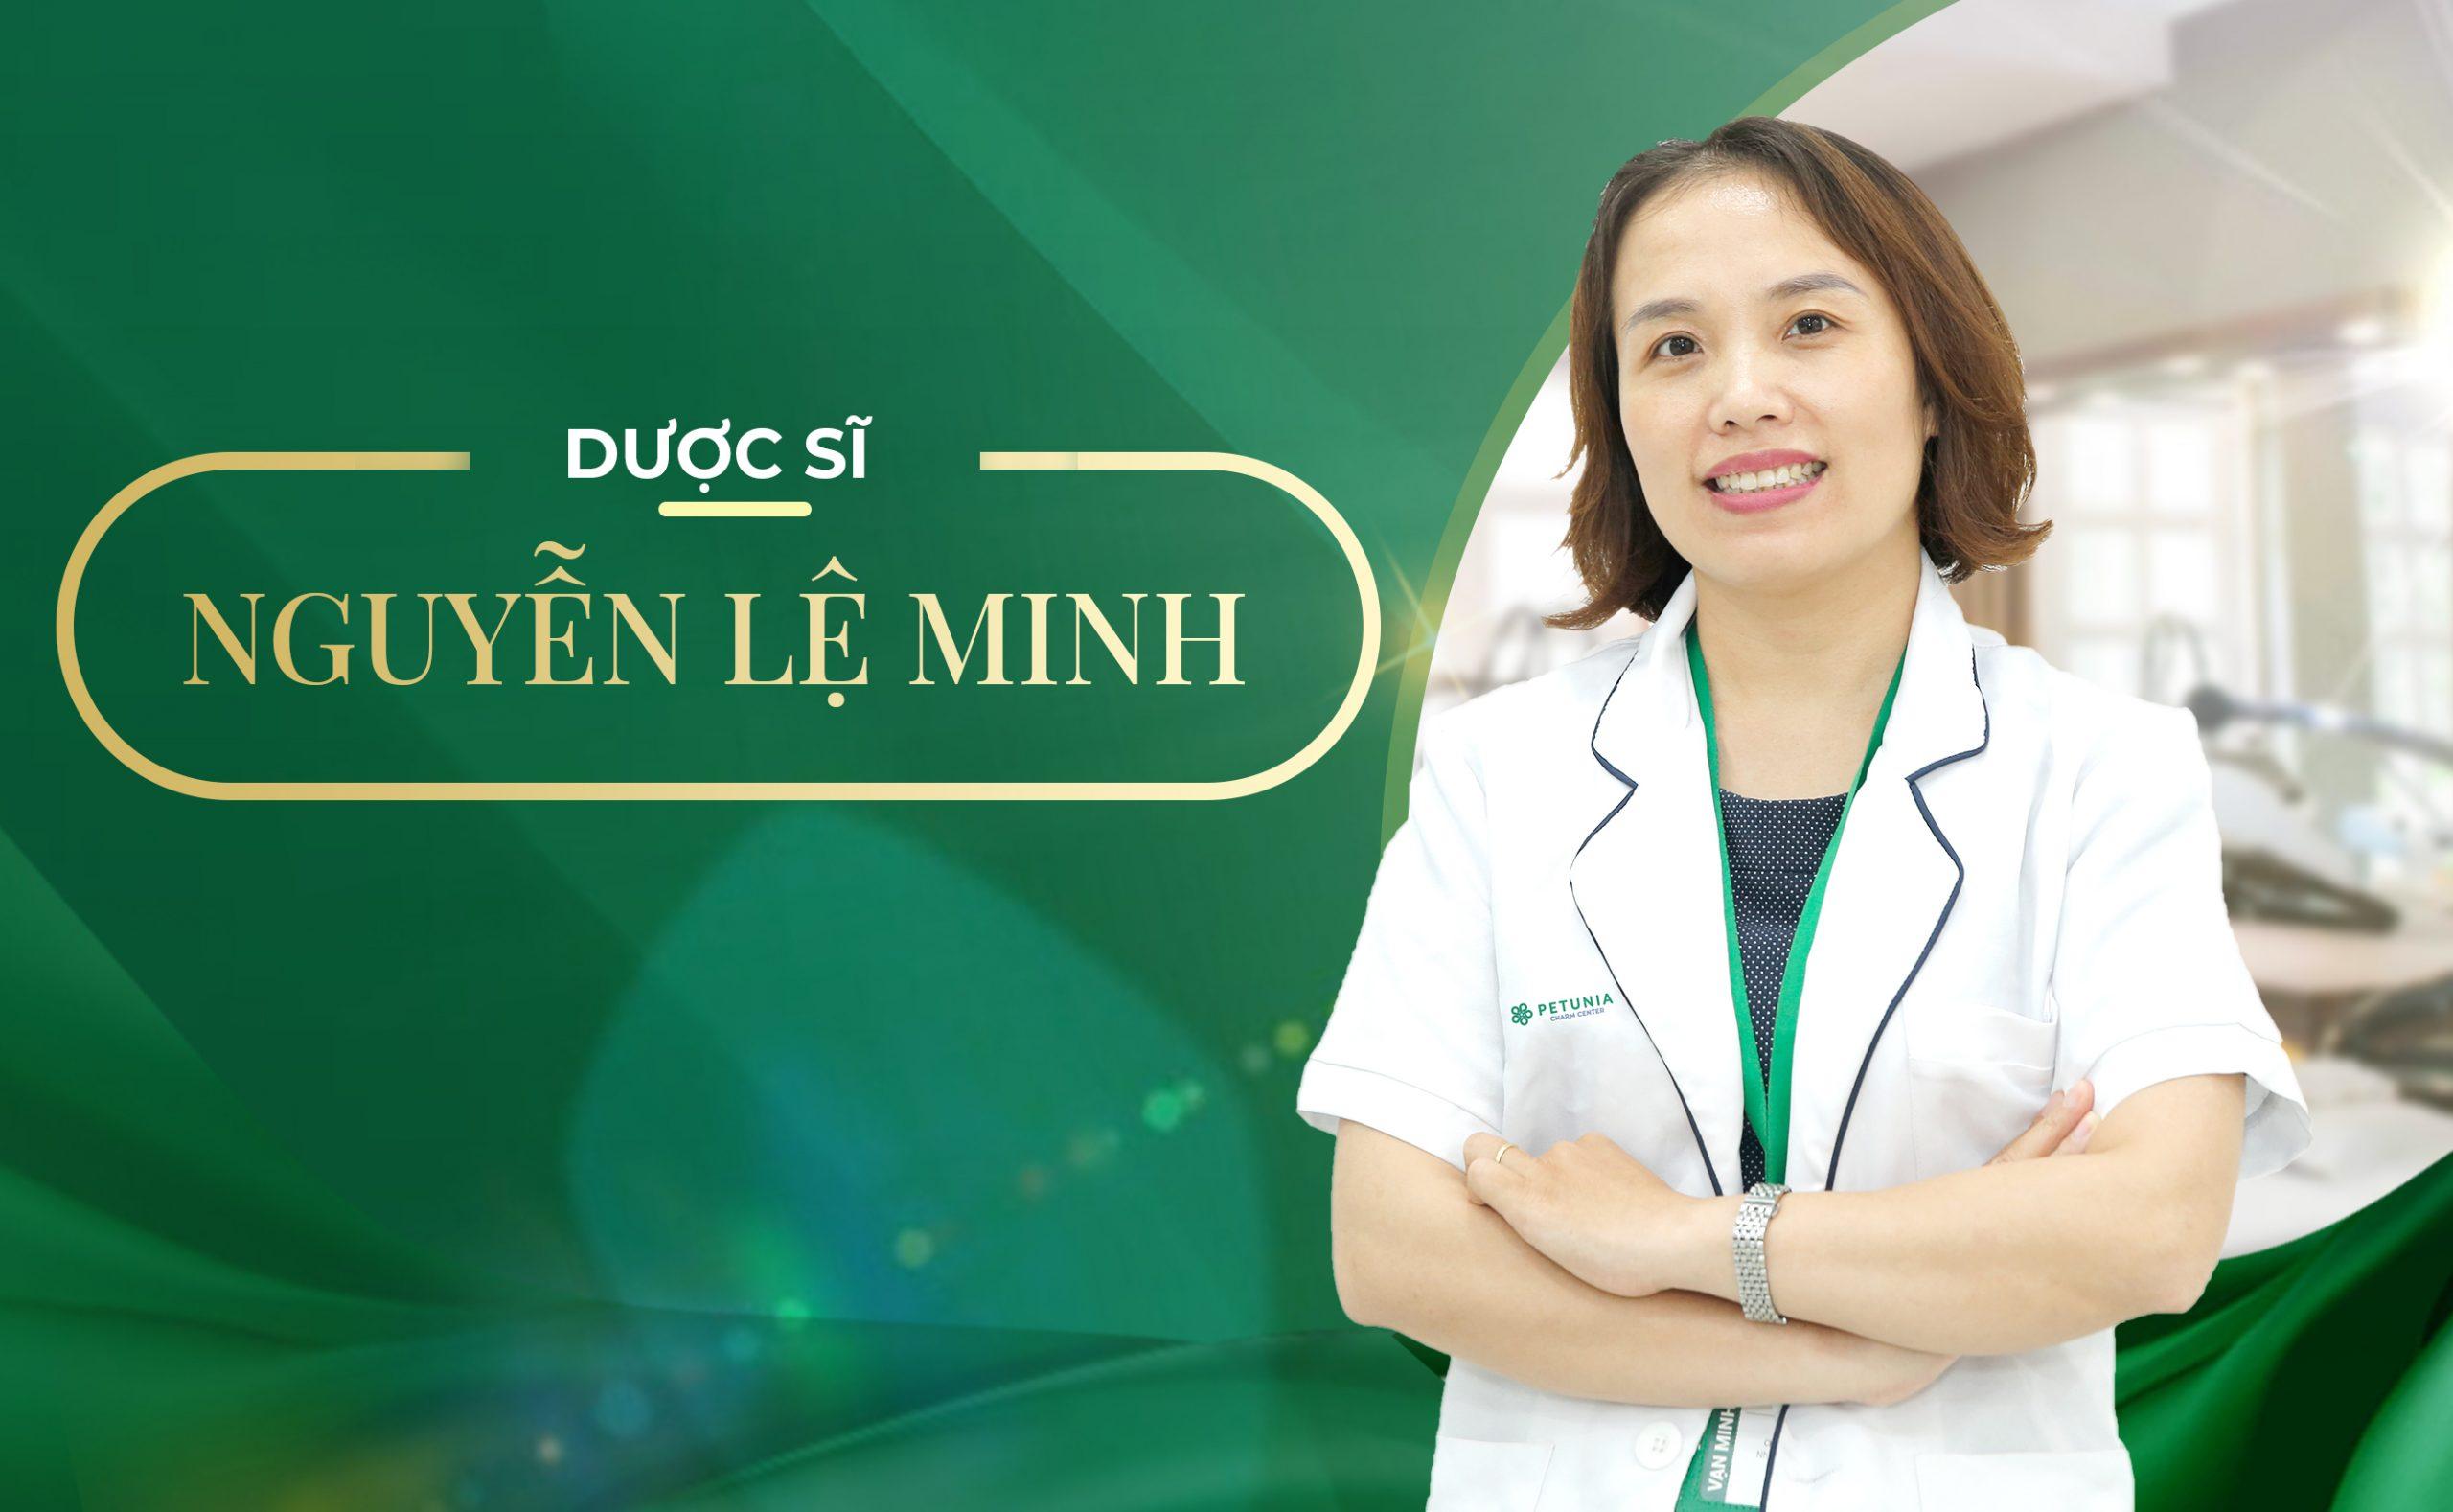 Dược sĩ Nguyễn Thị Lệ Minh